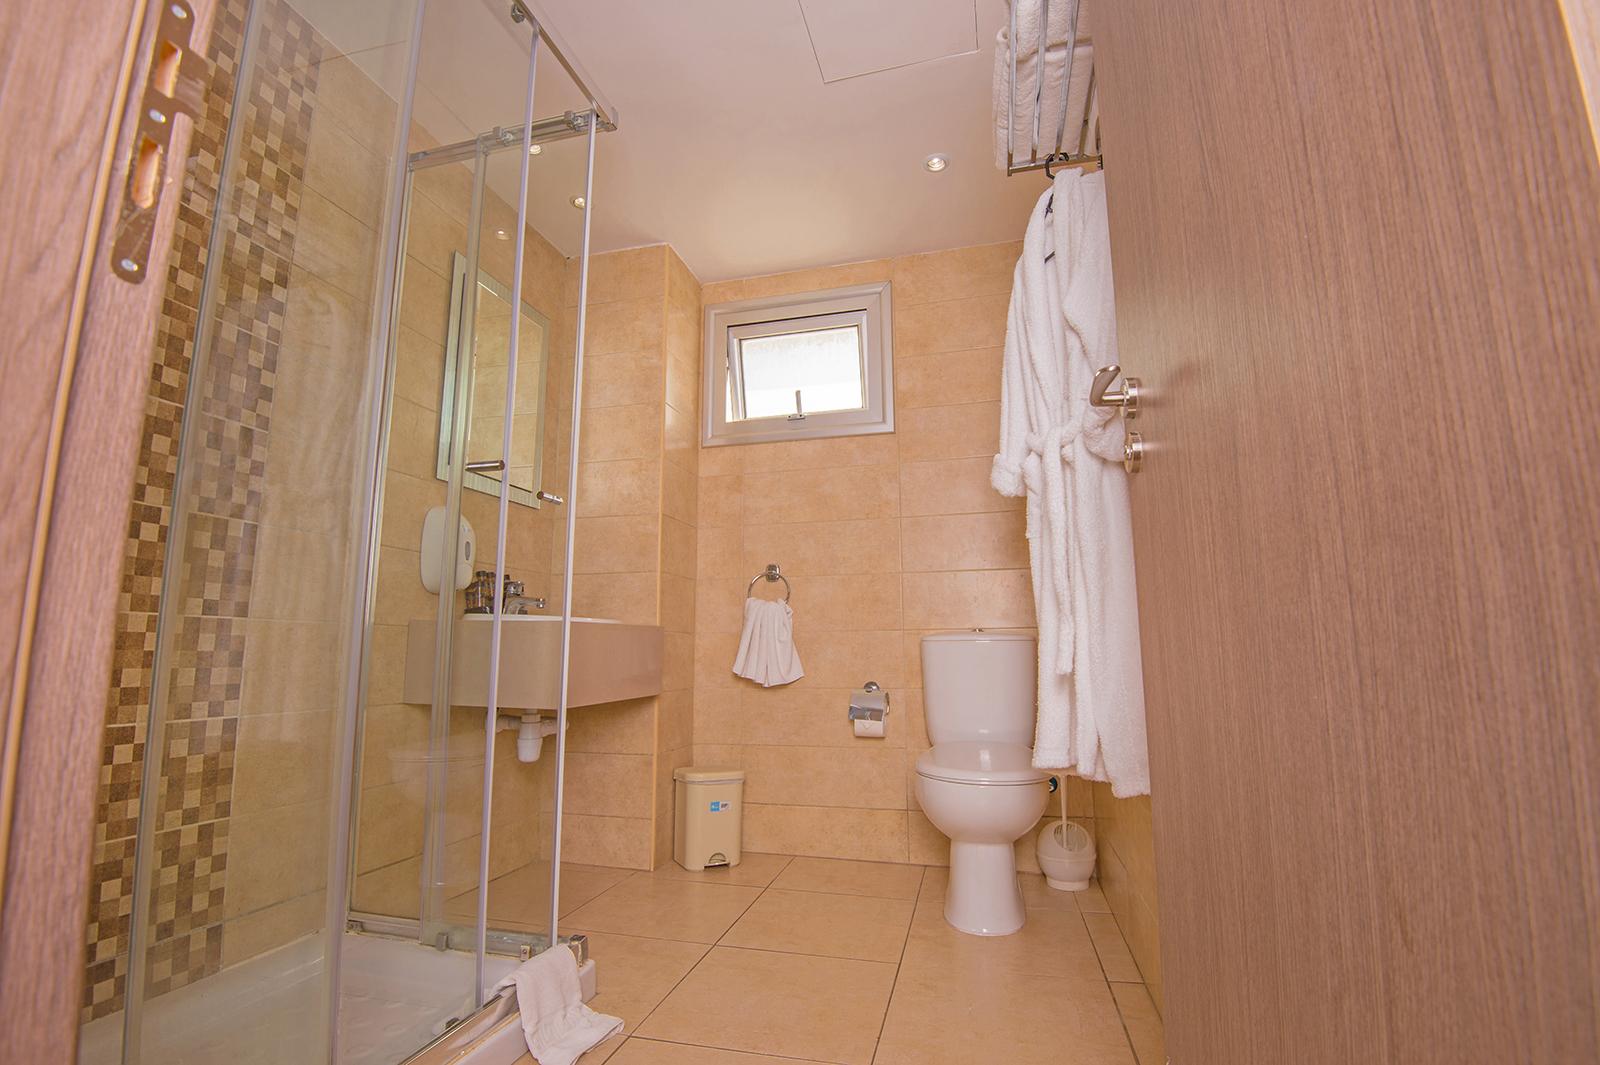 Hotel Bathrooms in Ayia Napa